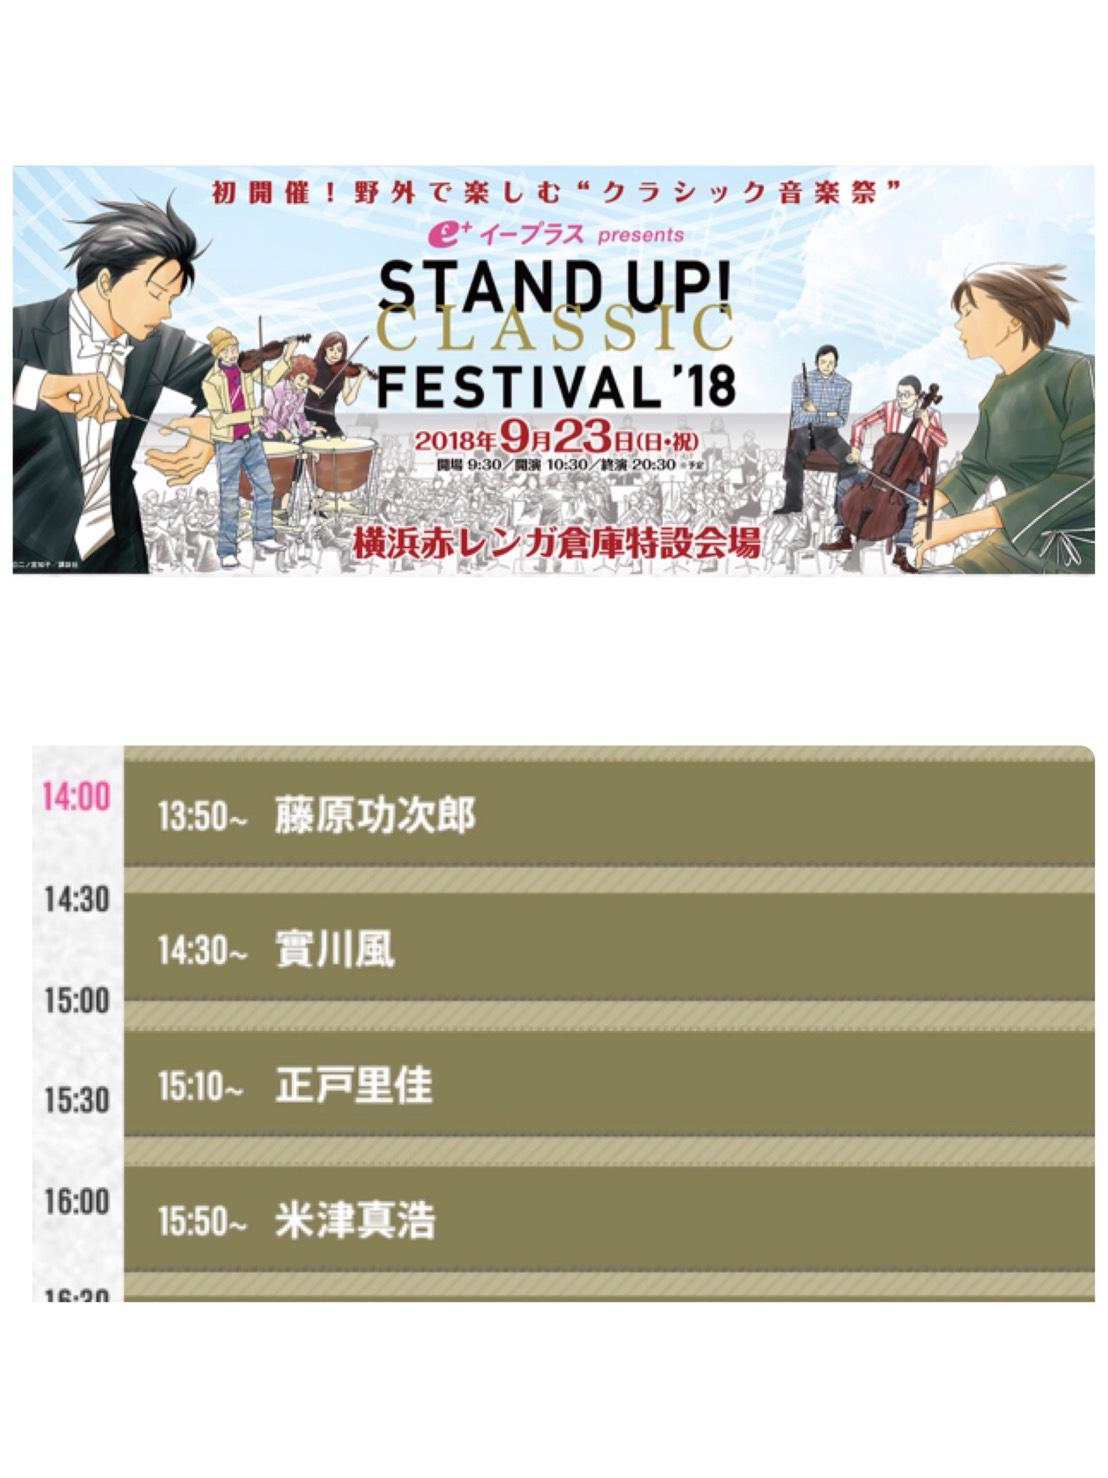 9月23日(日) STAND UP! CLASSIC FESTIVAL 横浜赤レンガパーク http://standupclassicfes.jp